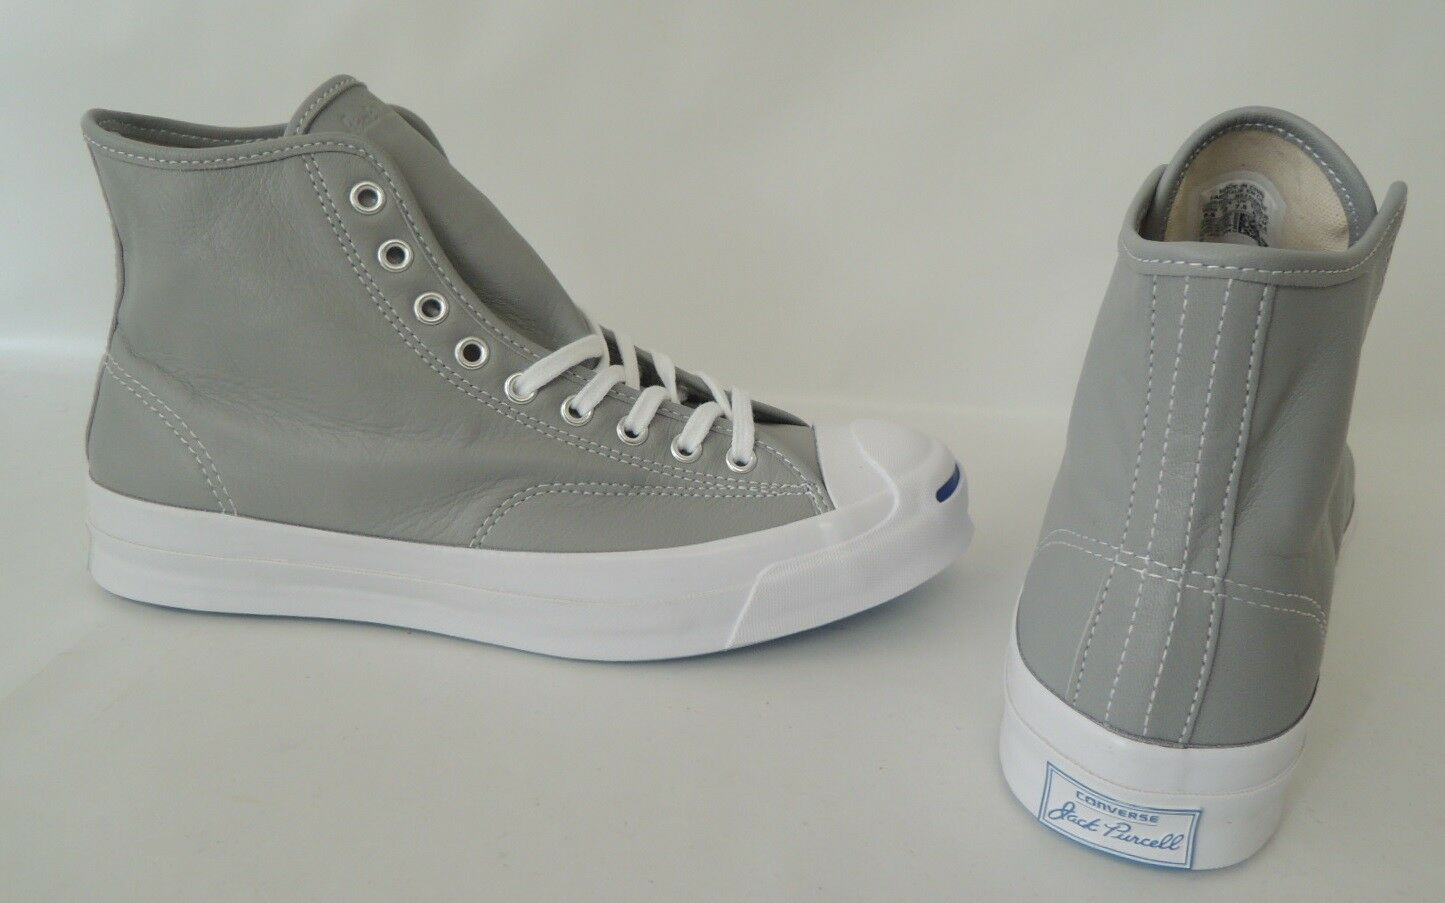 NEU Converse JP Signature Leather Hi 42 Chucks Schuhe Jack Purcell Sneaker GRAU